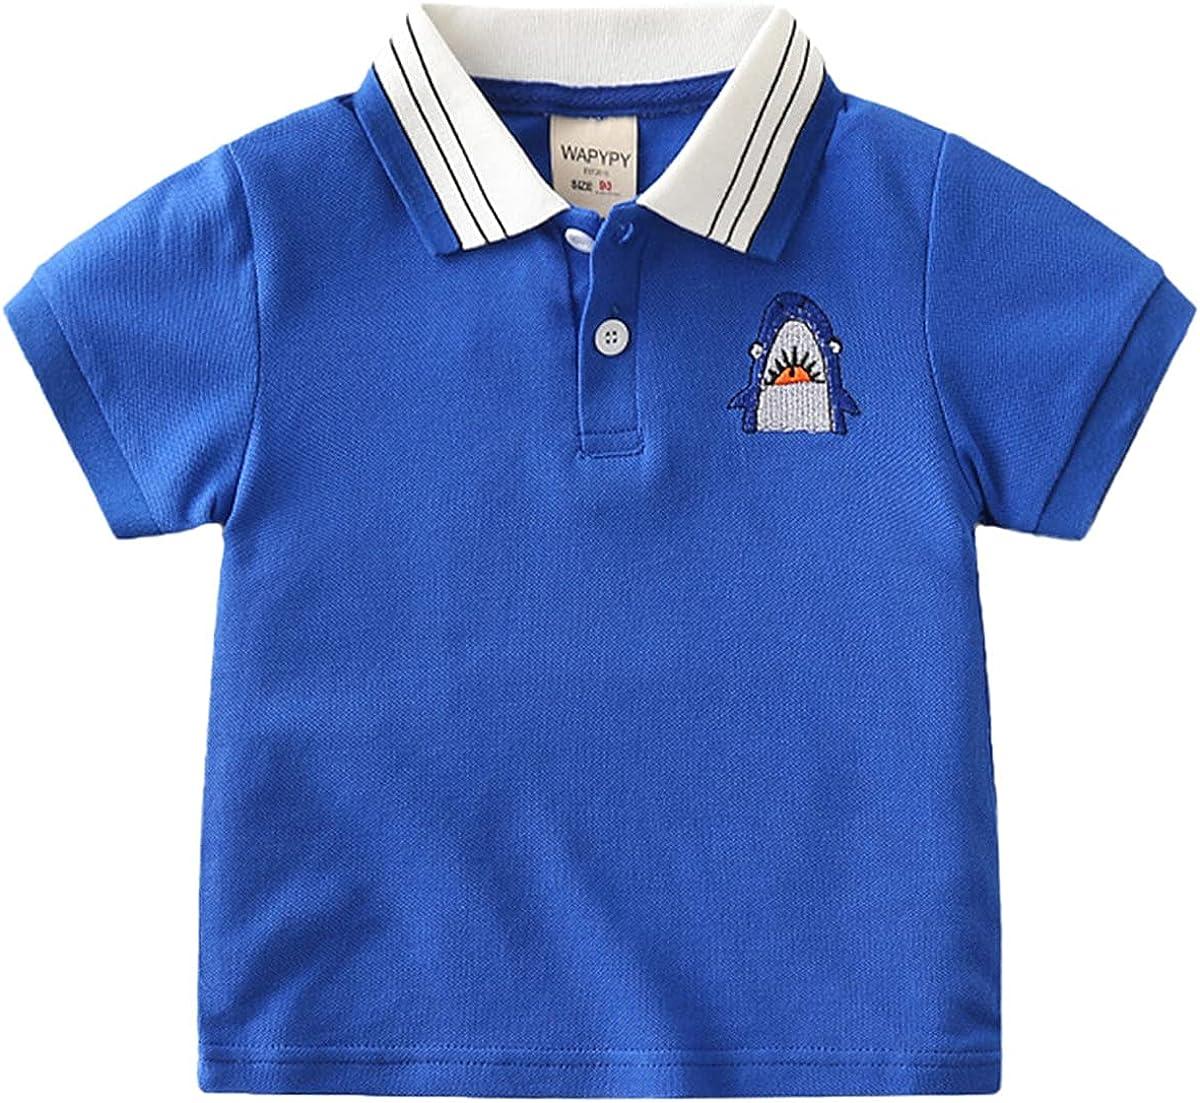 REWANGOING Little Boy Summer Short Sleeve Cartoon Cute Buttons Closure Polo T-Shirt Tops Blouse